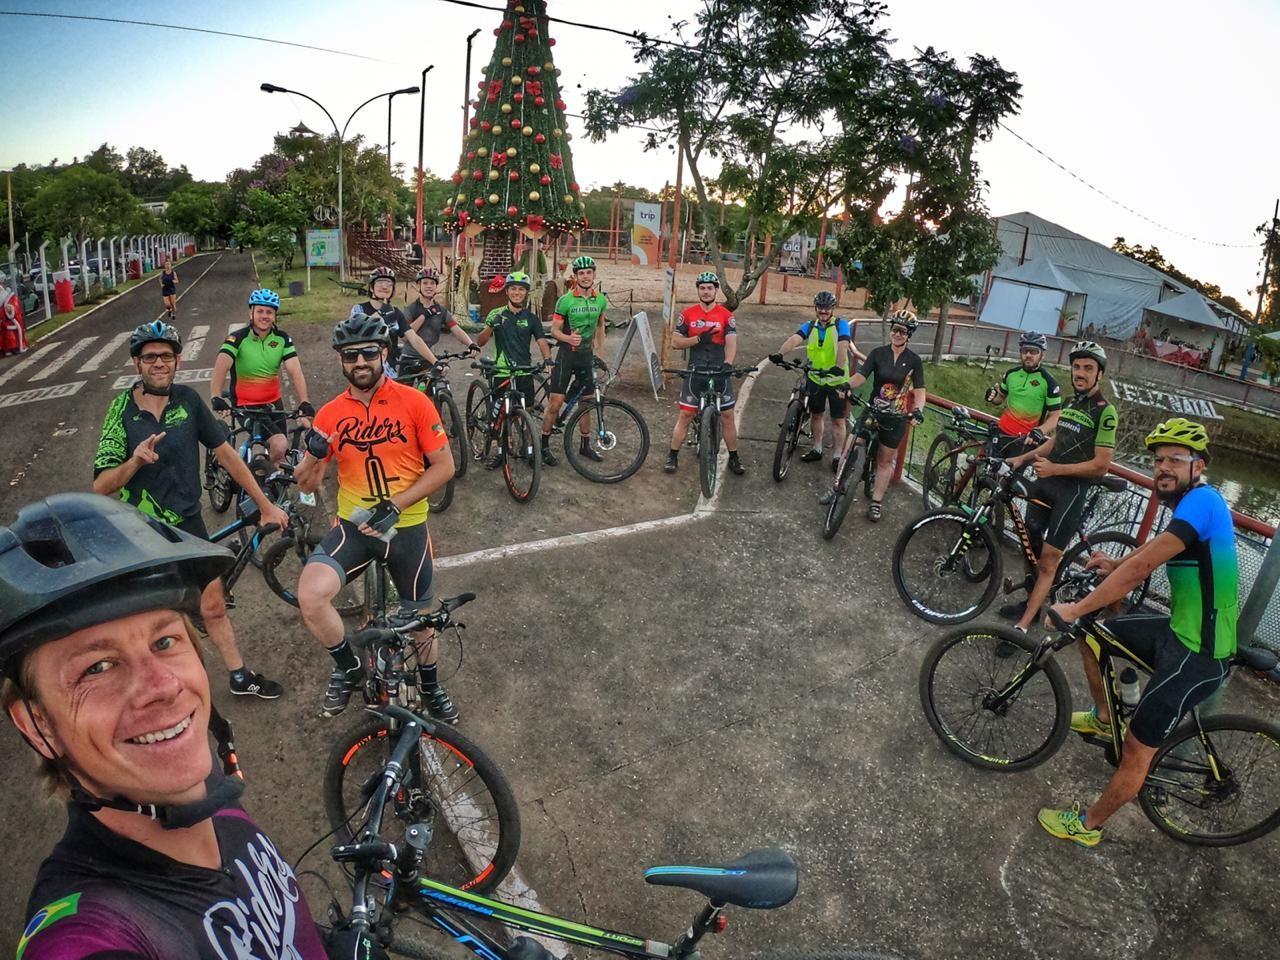 Ciclistas do Vale concluem desafio de 500 km